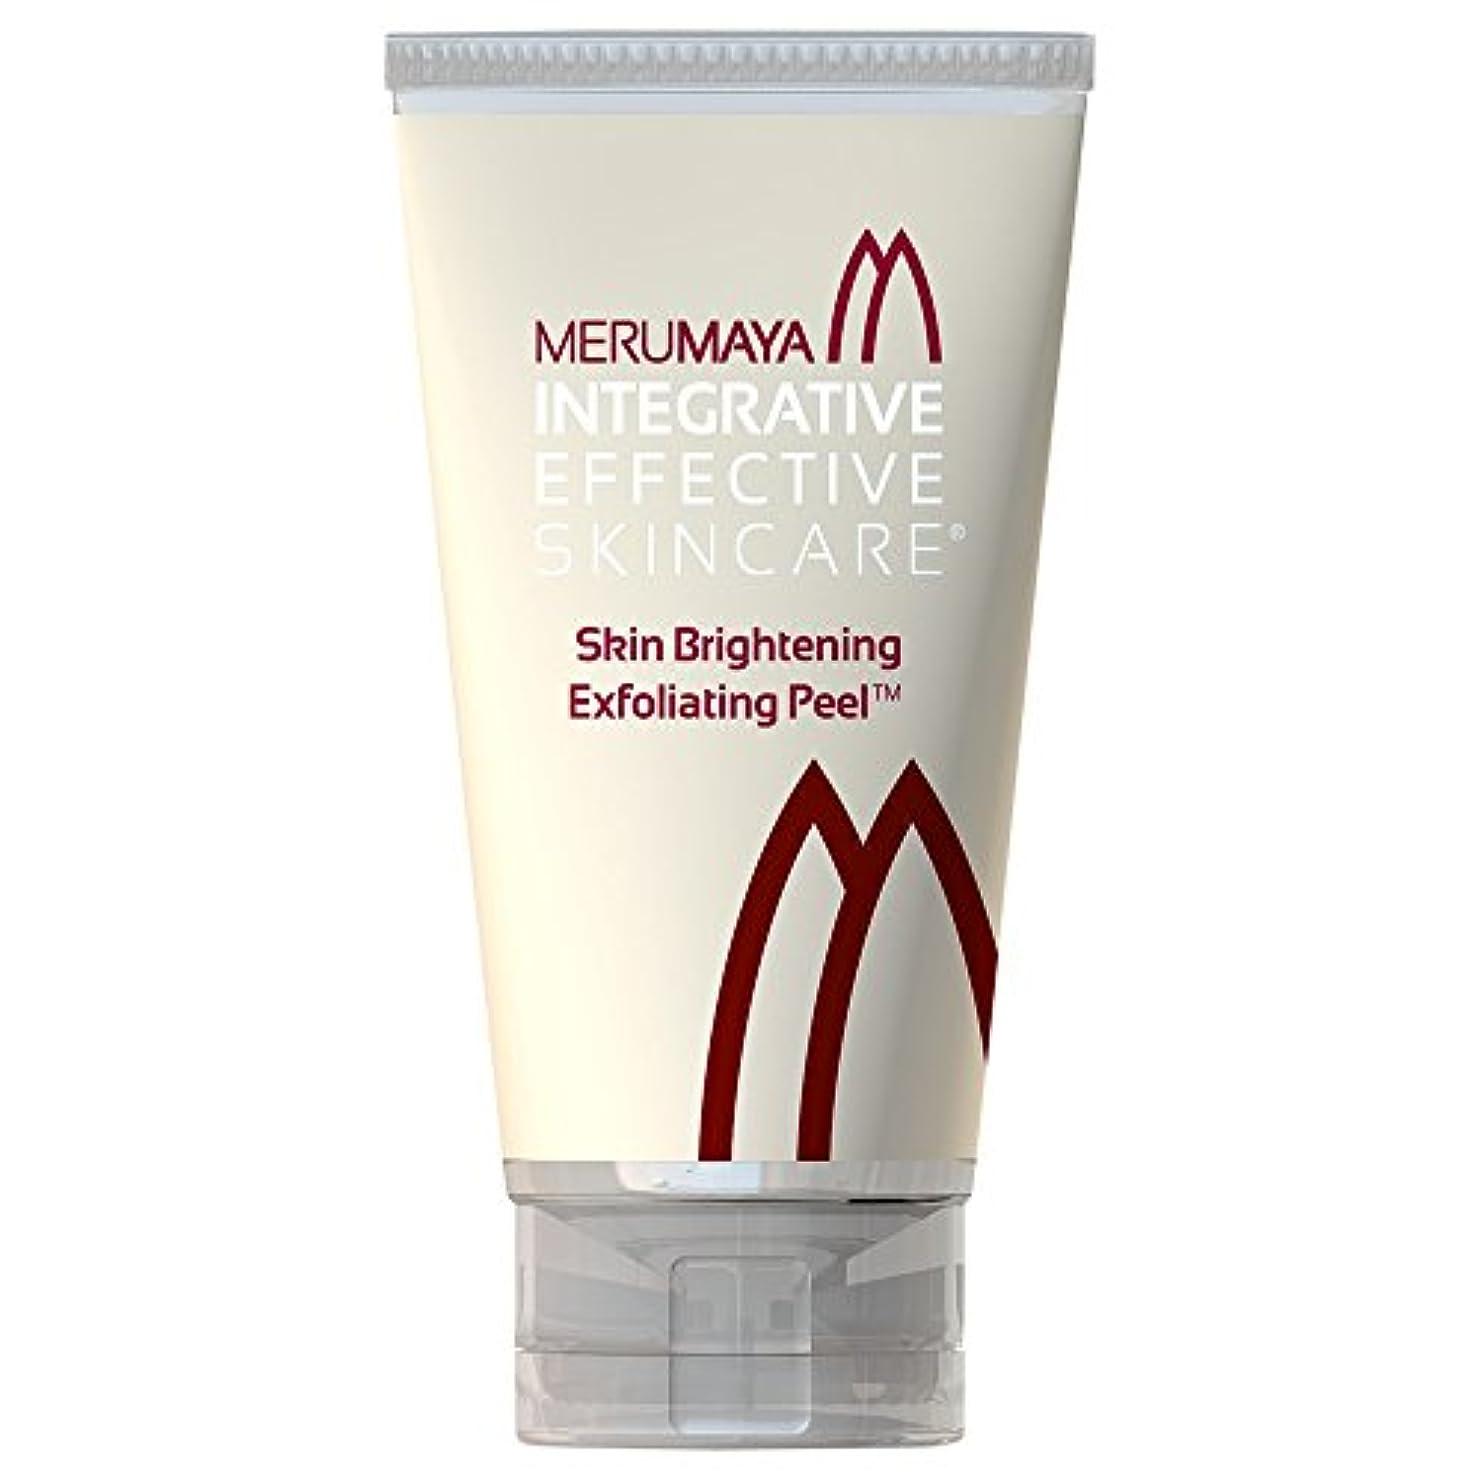 膿瘍エネルギー取得Merumayaスキンブライトニングピーリング剥離?の50ミリリットル (Merumaya) (x6) - MERUMAYA Skin Brightening Exfoliating Peel? 50ml (Pack of...